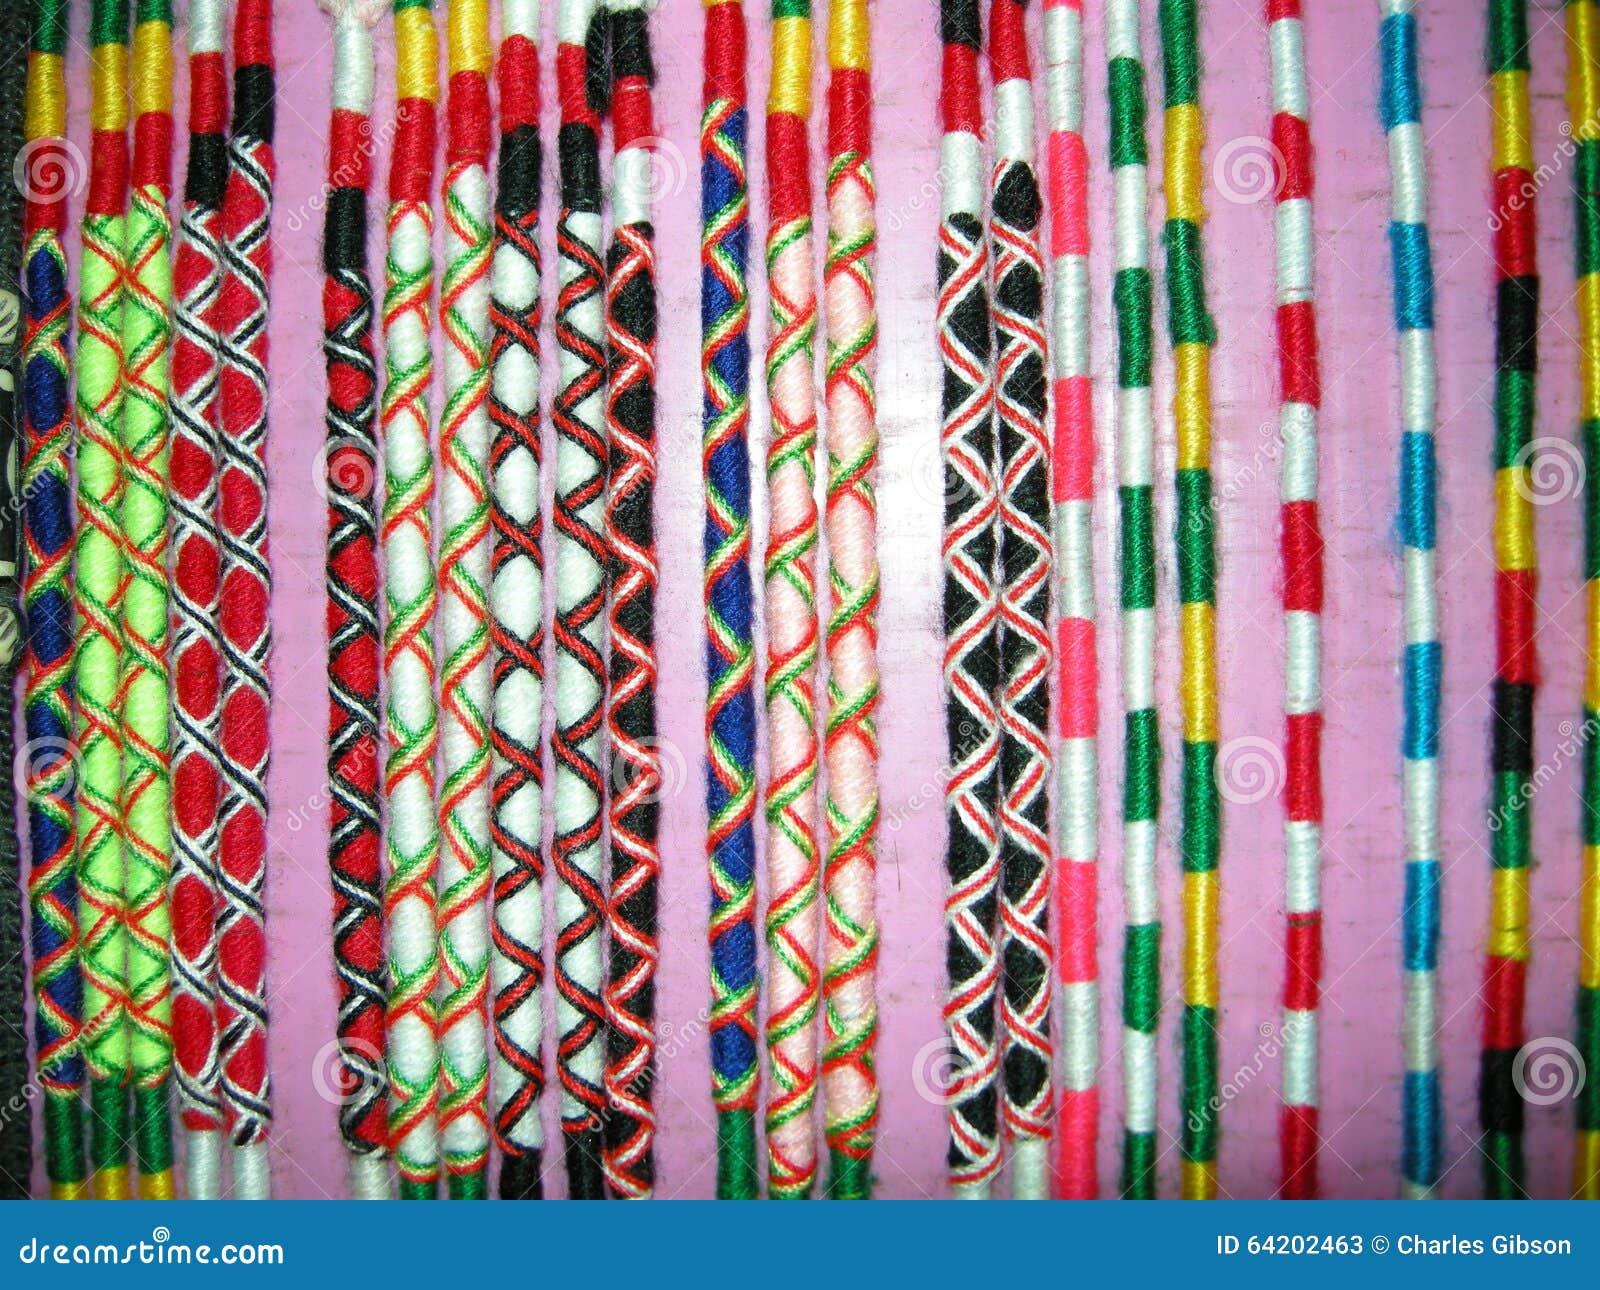 Bandas de muñeca coloridas